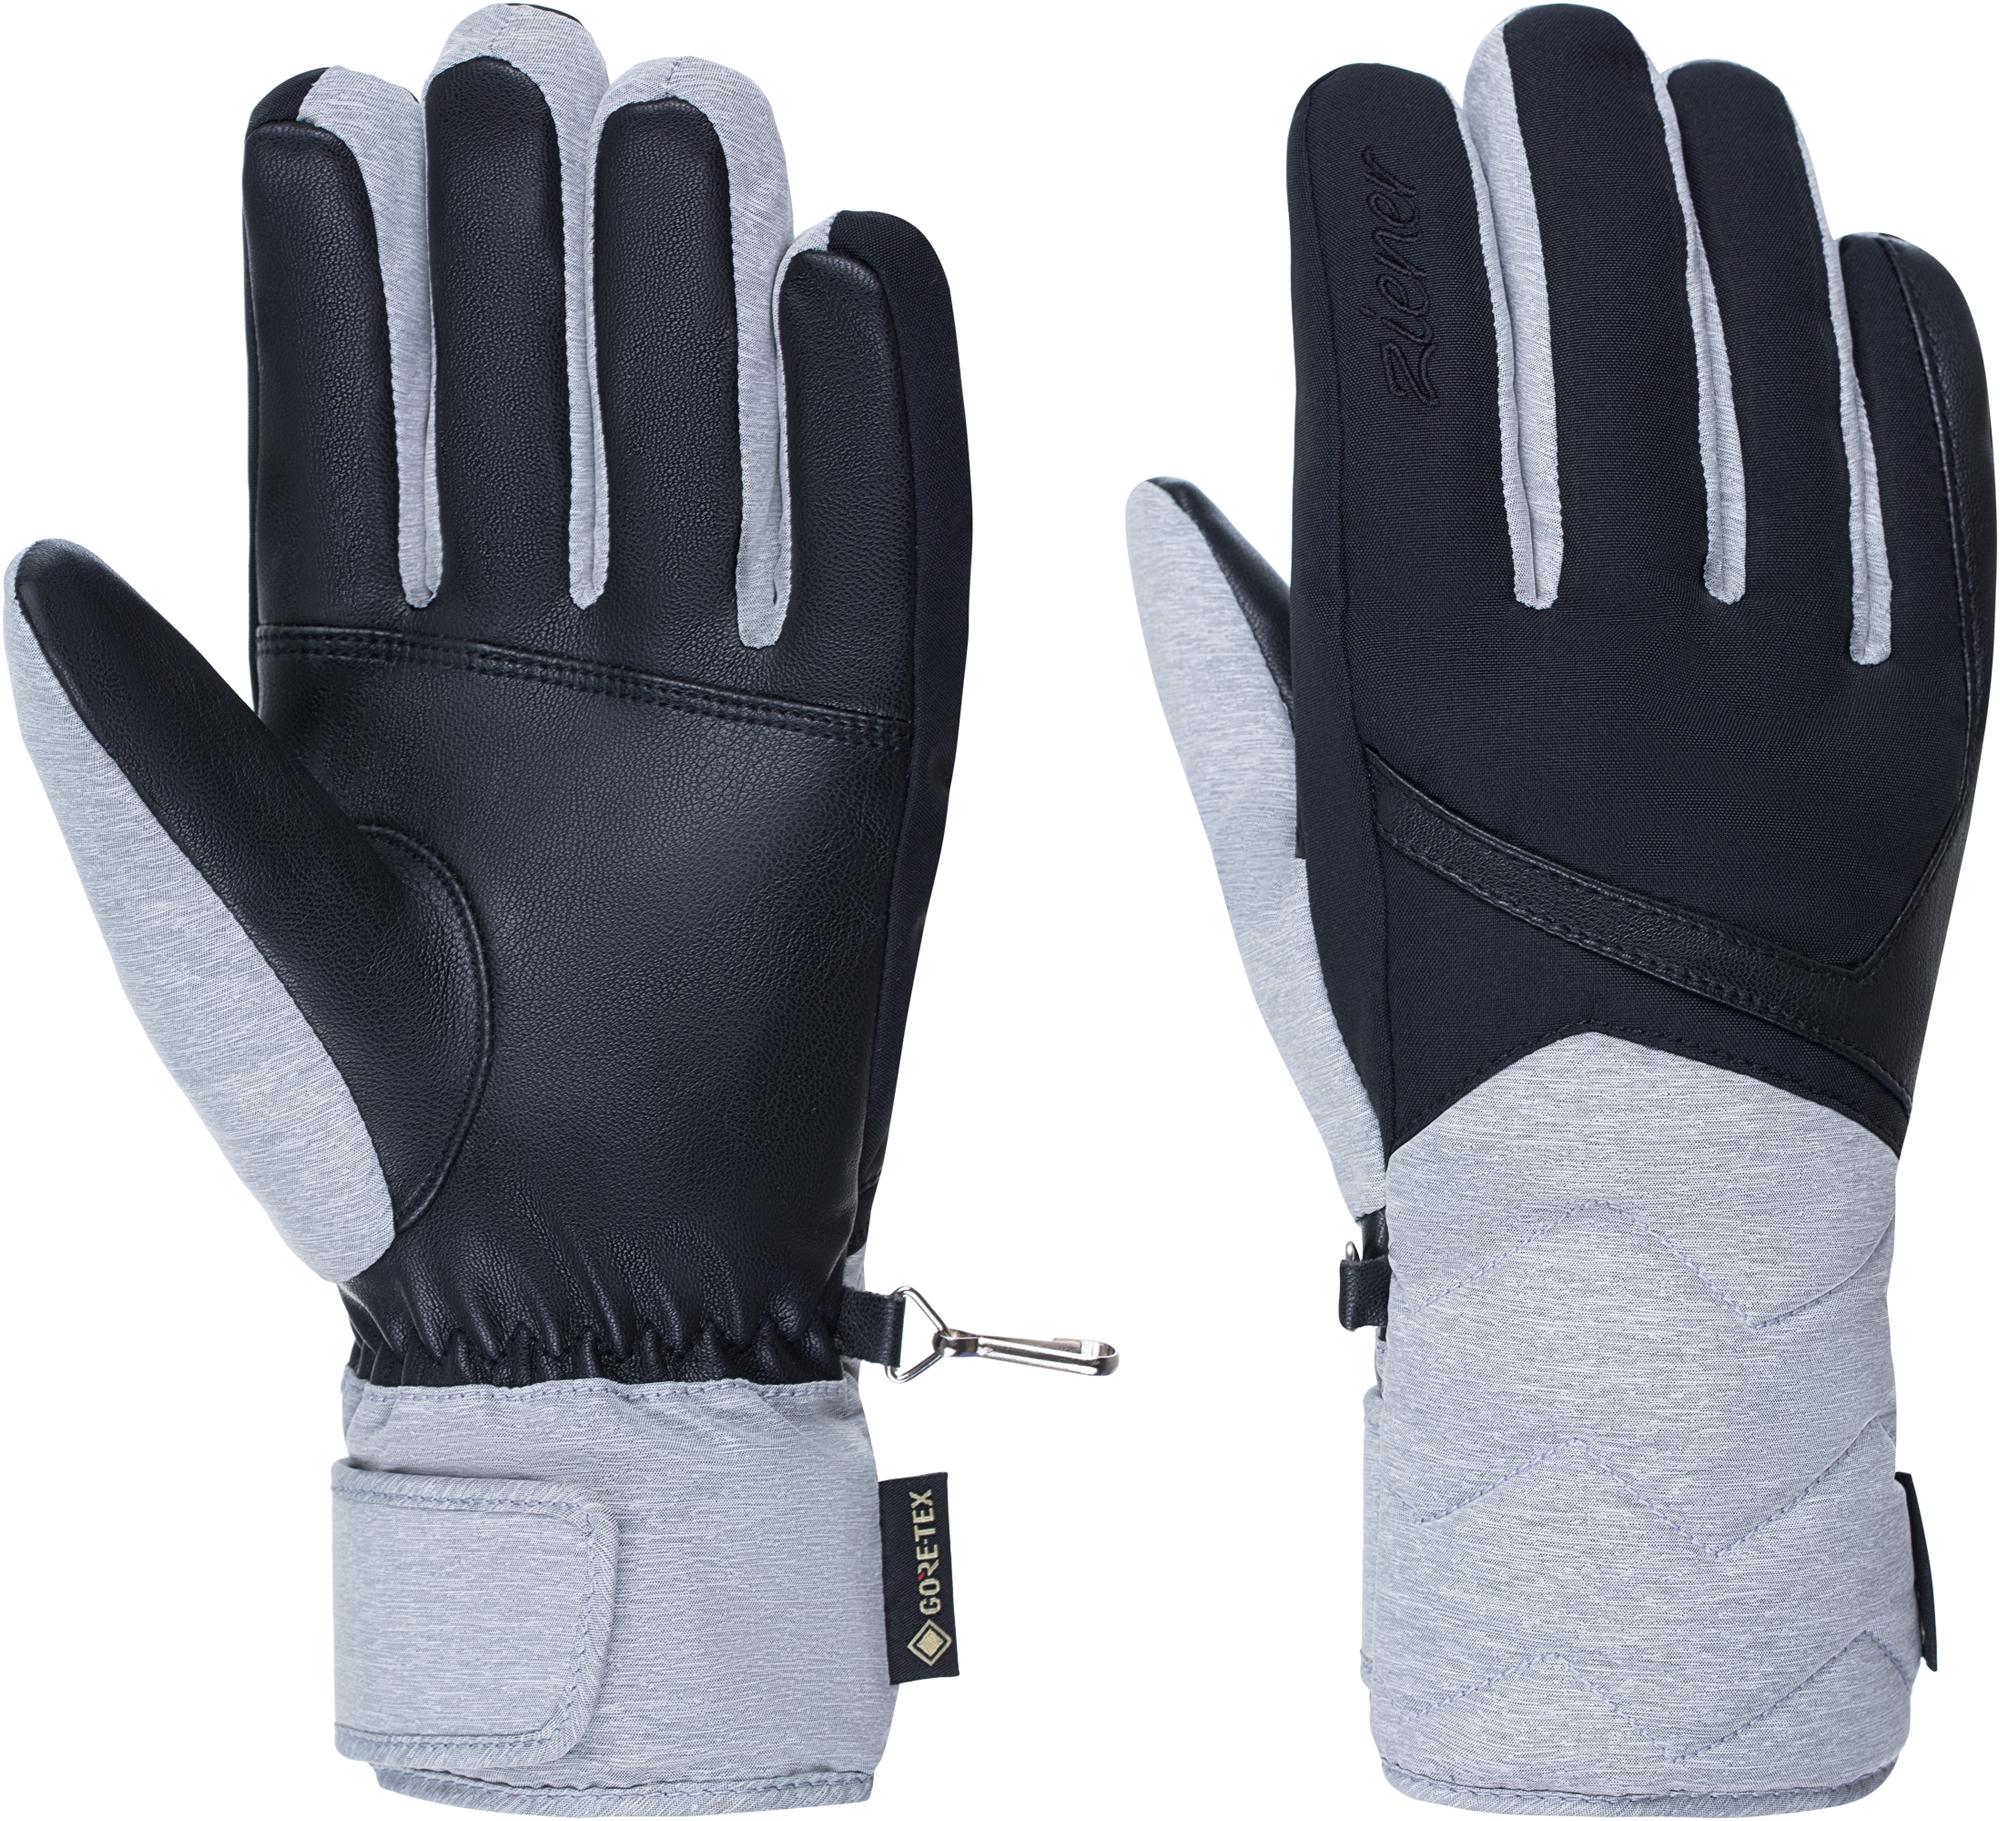 Ziener Перчатки женские Ziener Kyrena GTX, размер 8 ziener перчатки мужские ziener gliss gtx размер 9